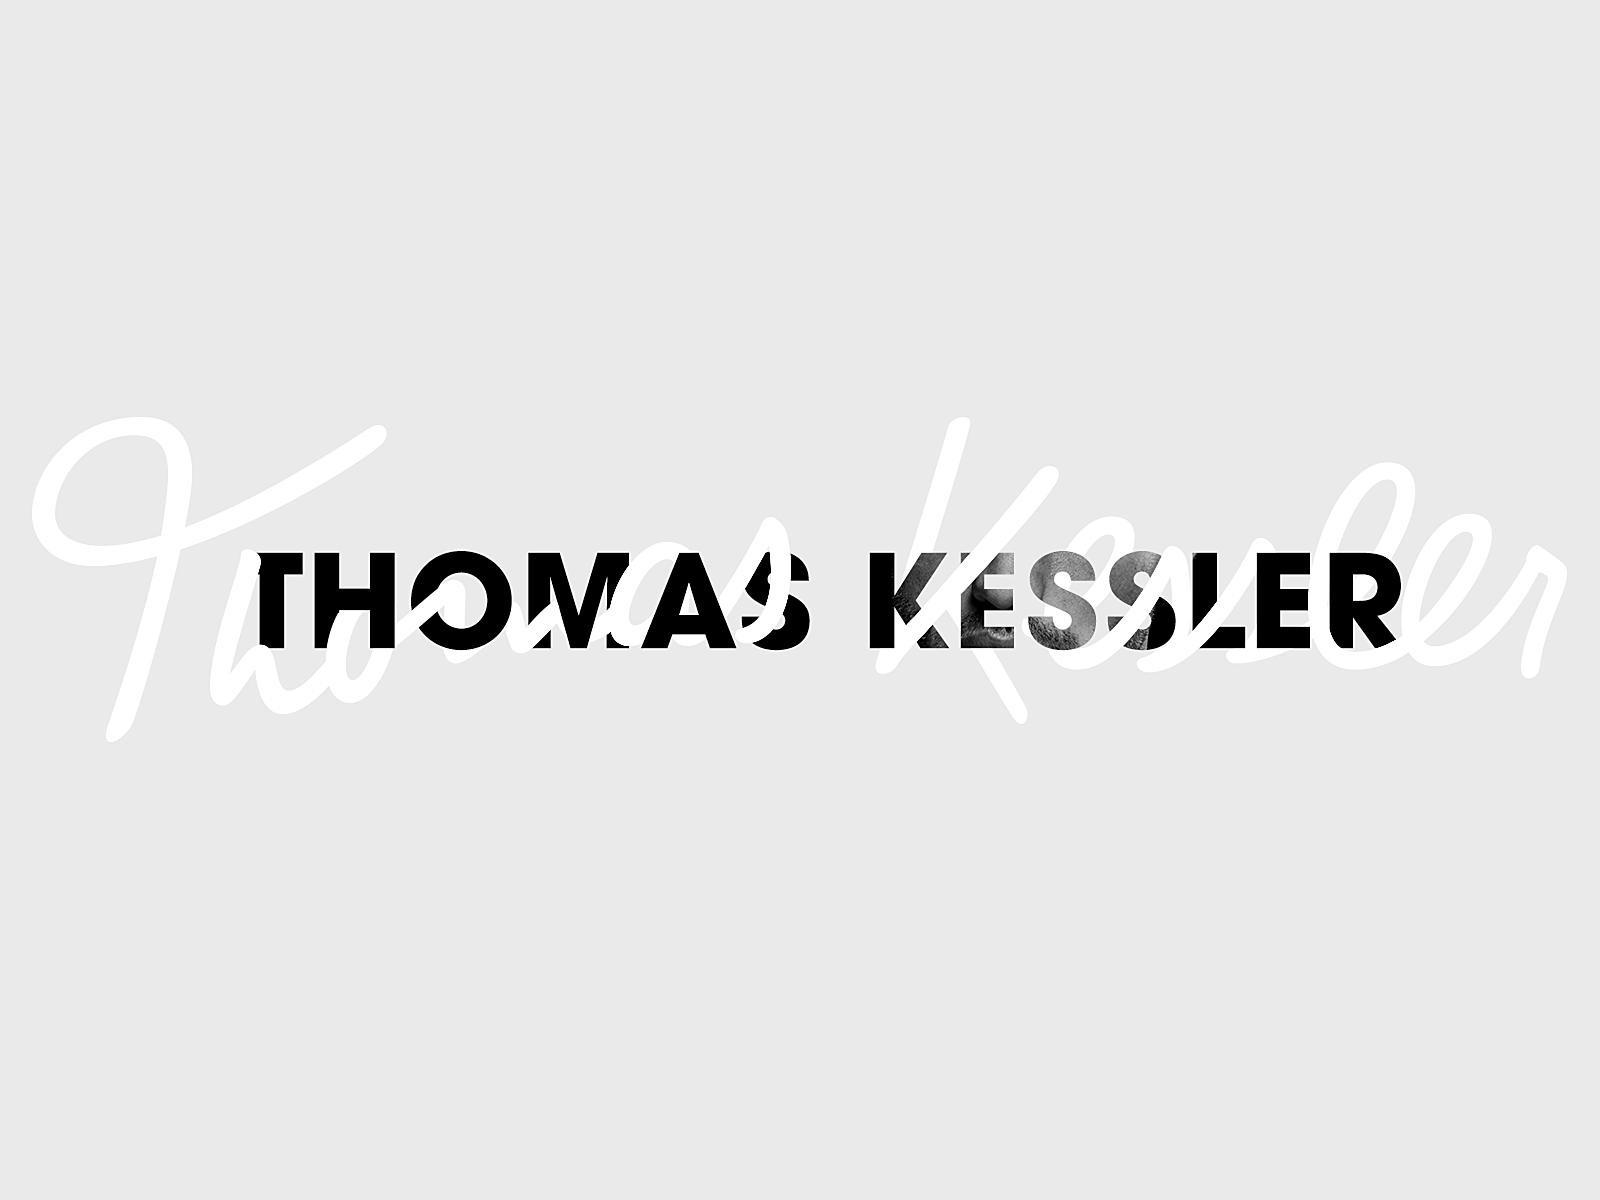 Thomas Kessler branding